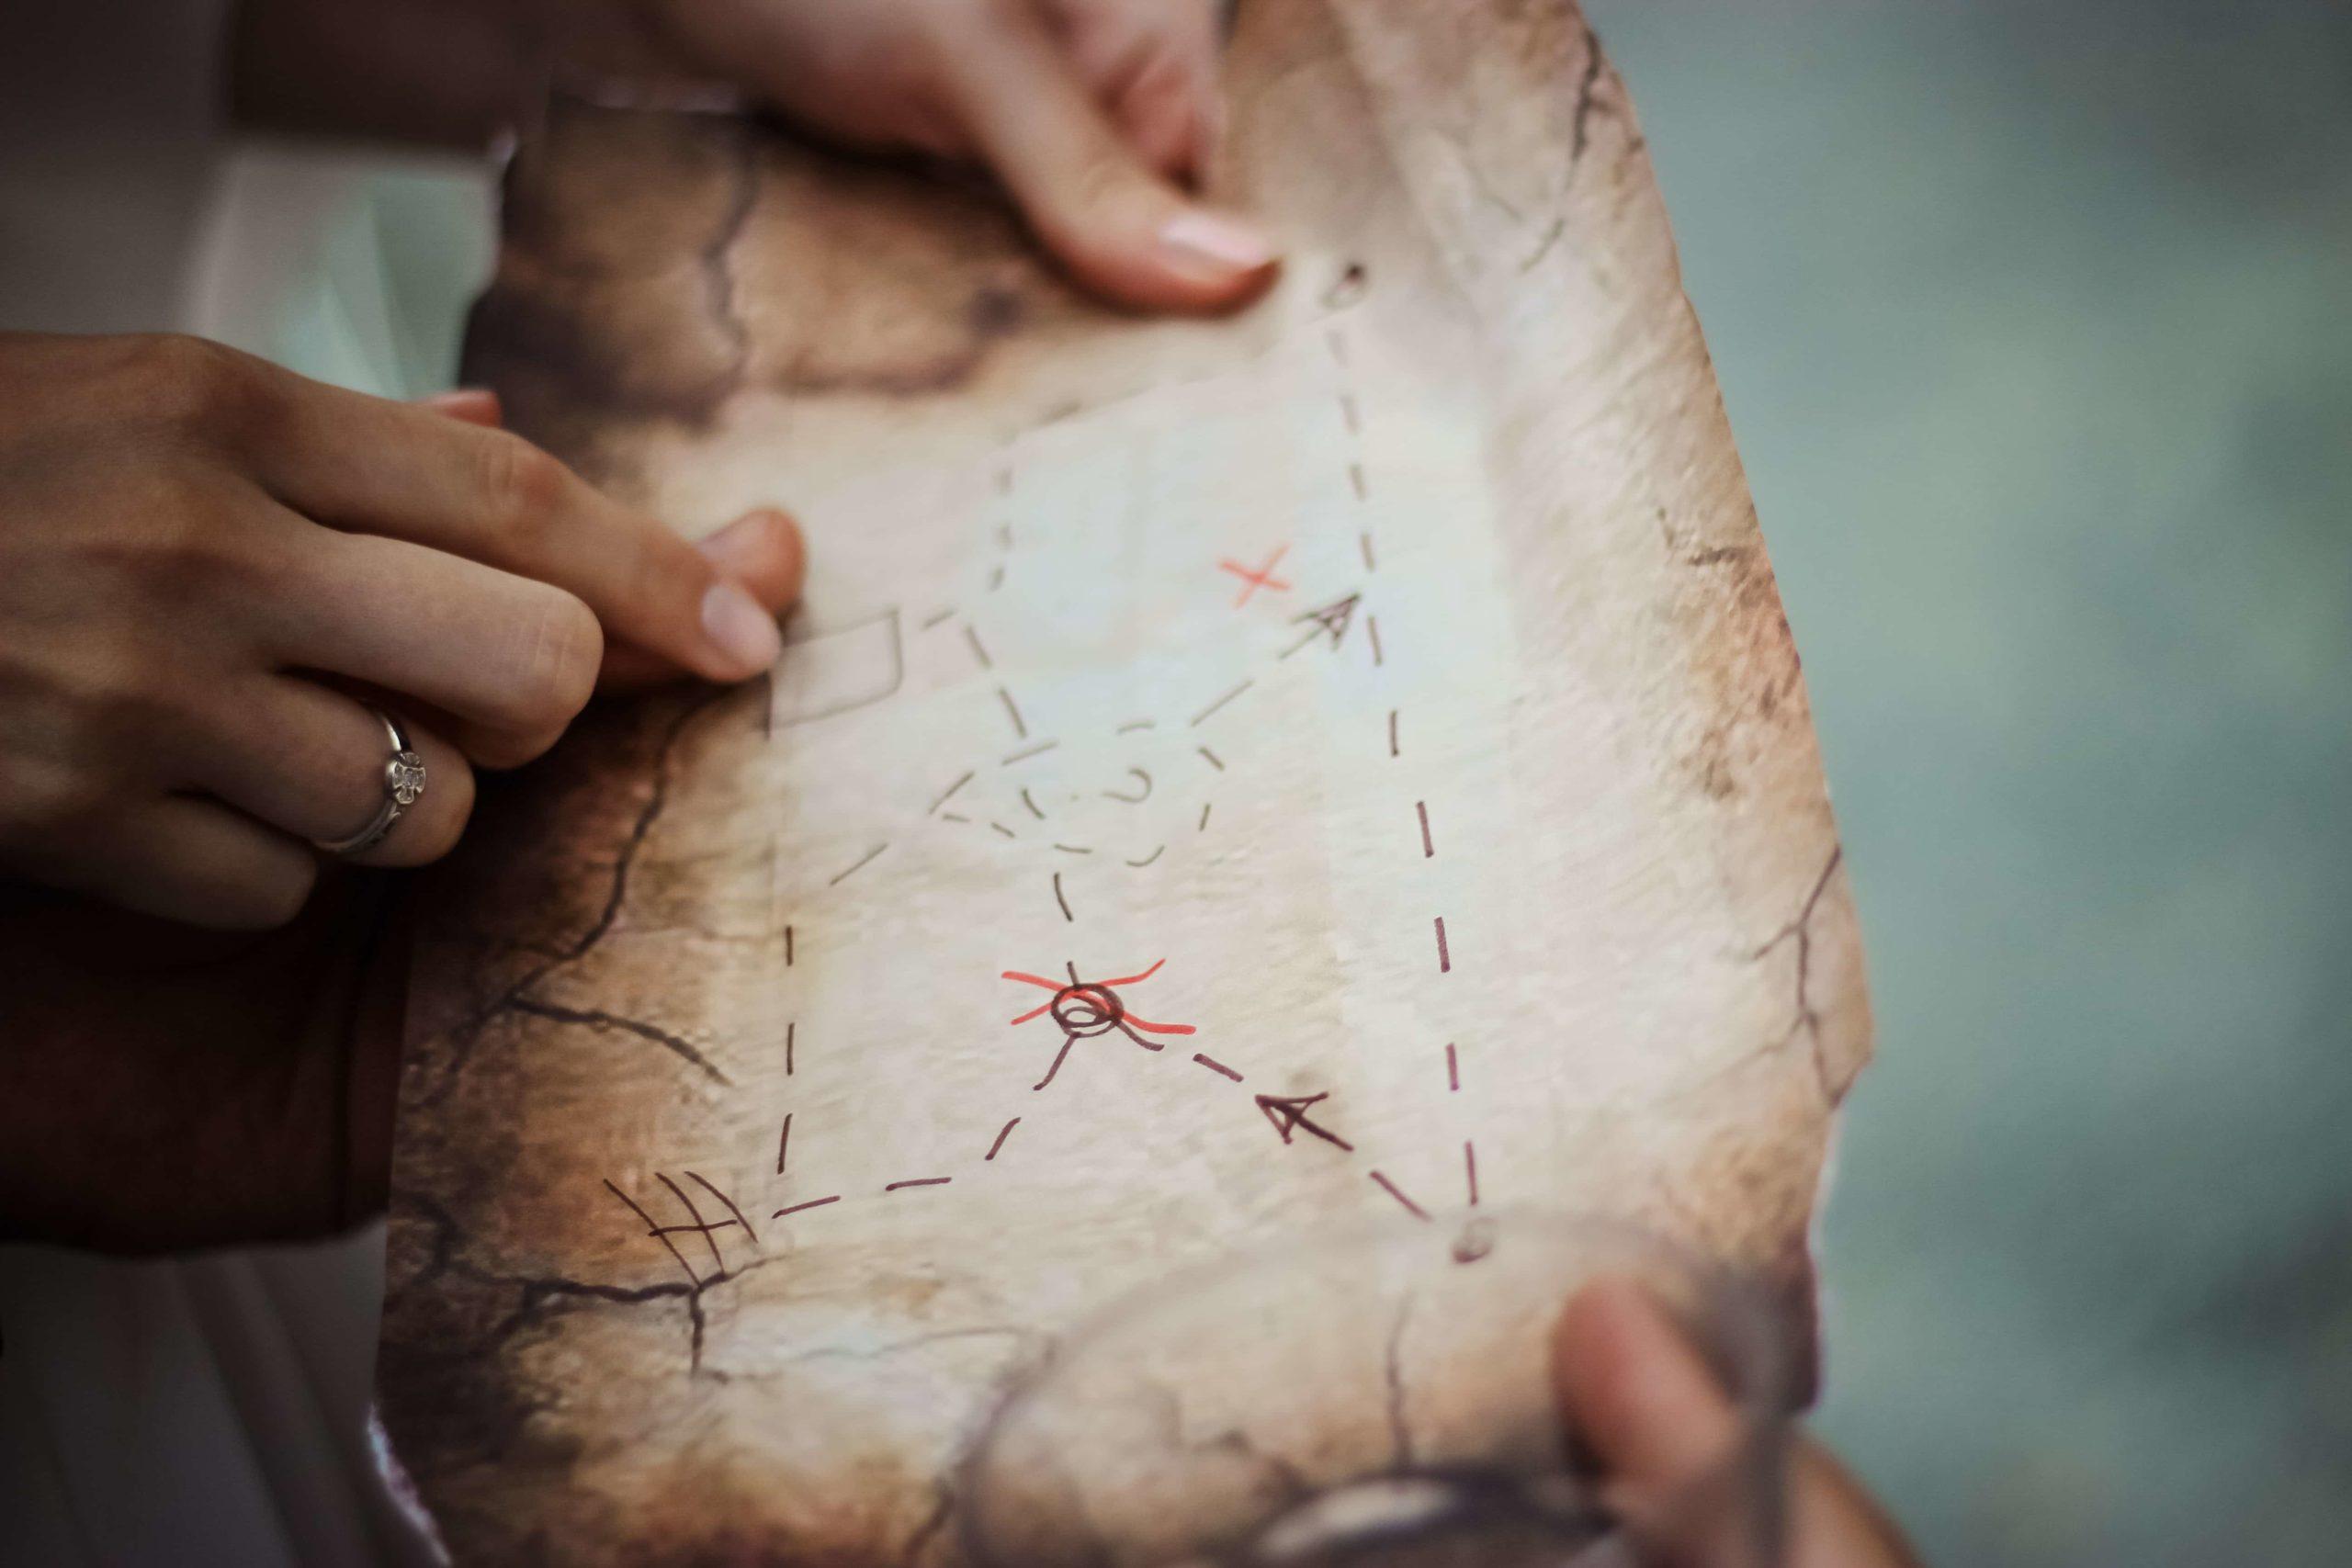 宝の地図を指差すひとたち